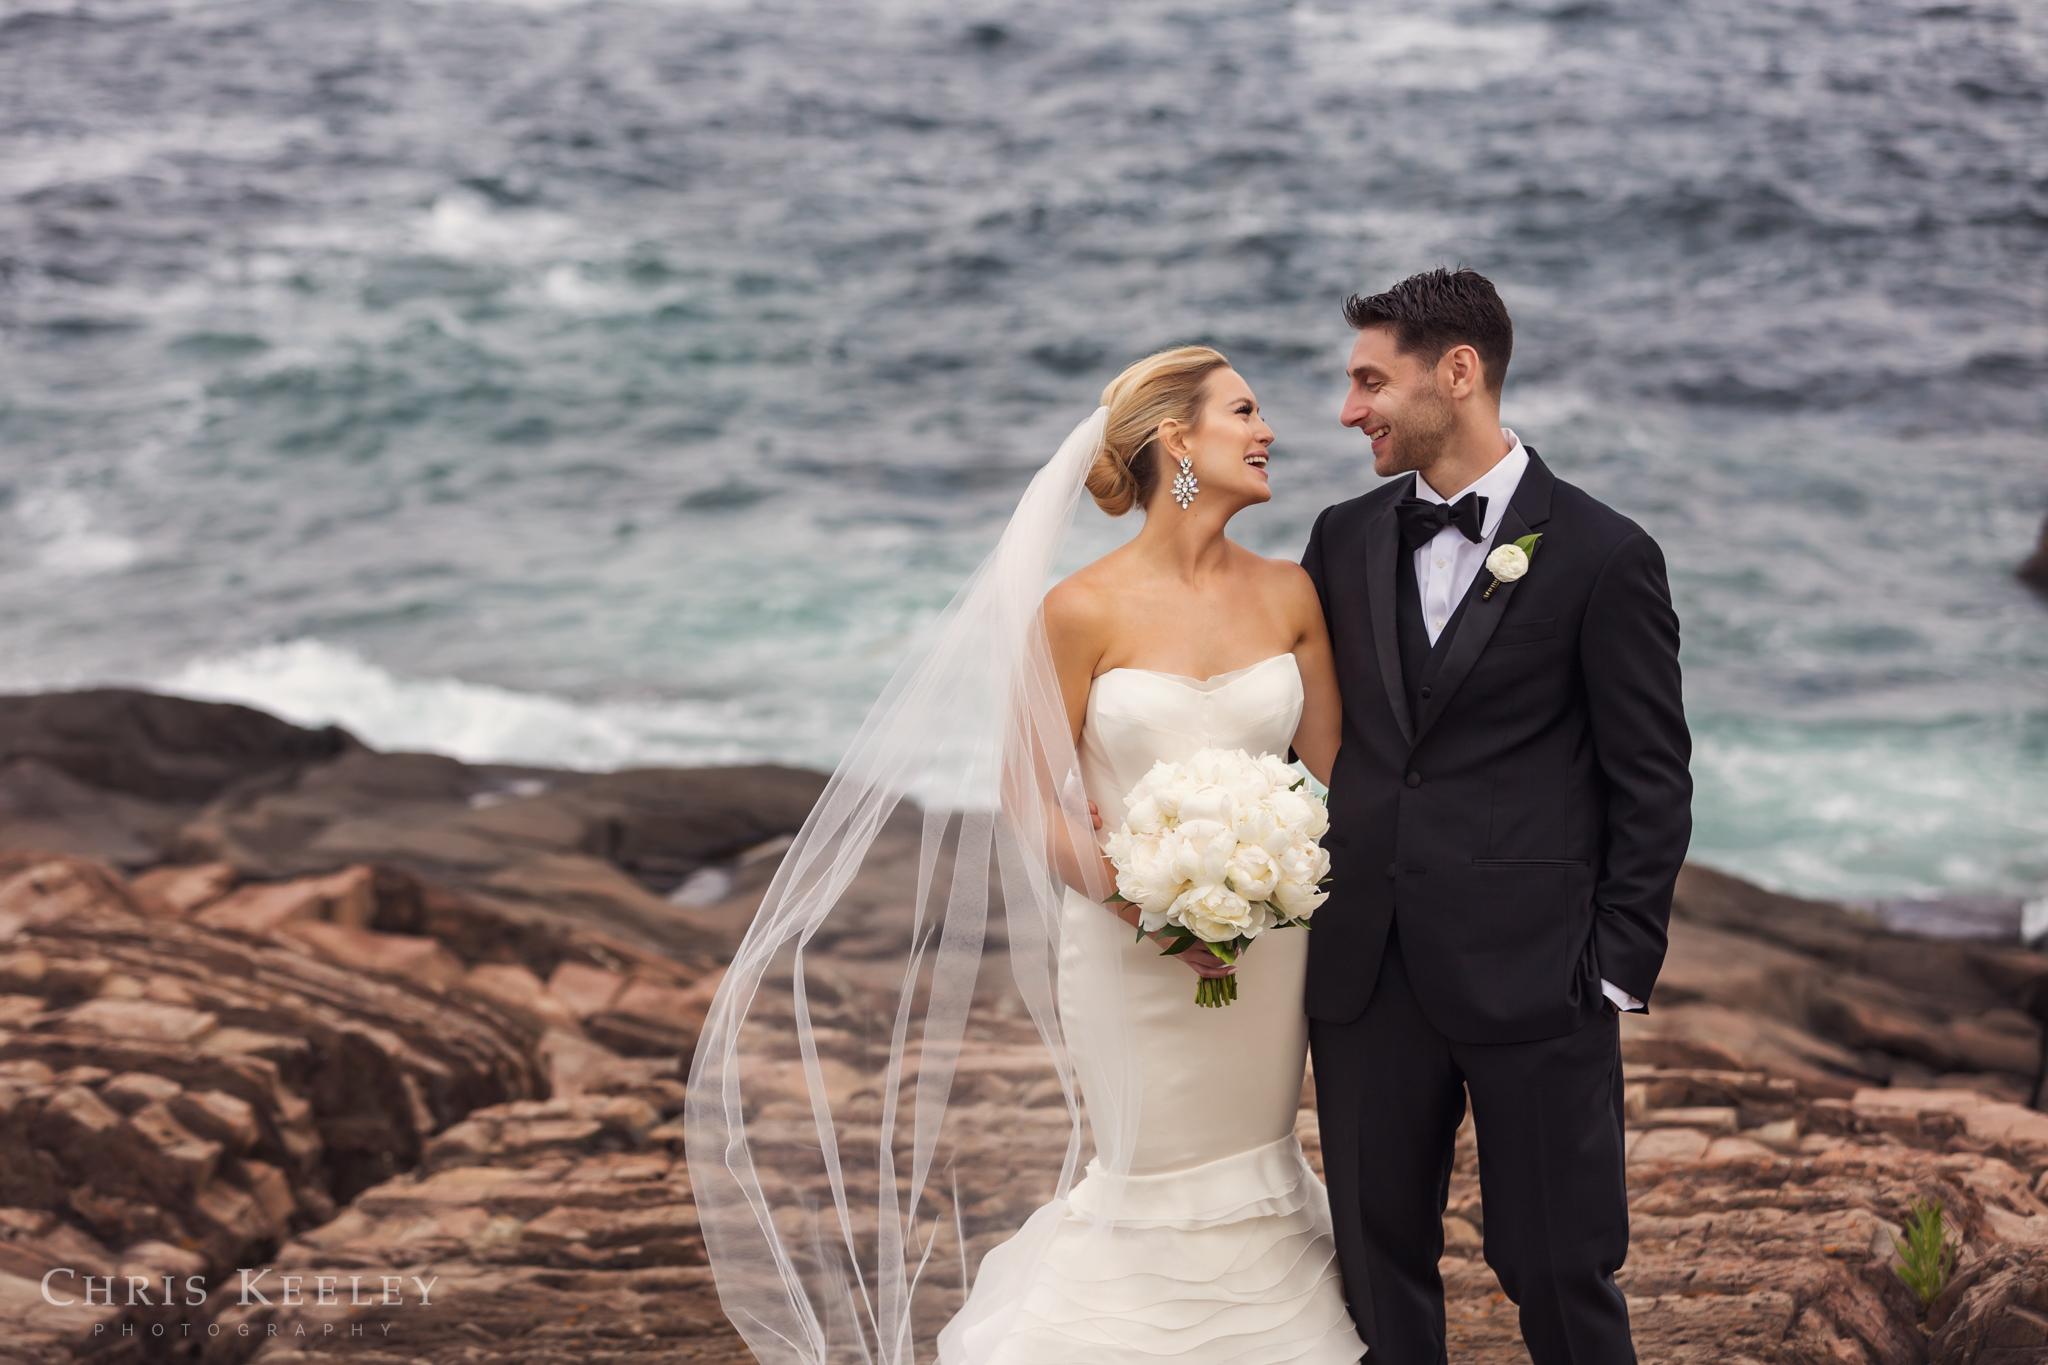 cliff-house-maine-wedding-photographer-chris-keeley-39.jpg